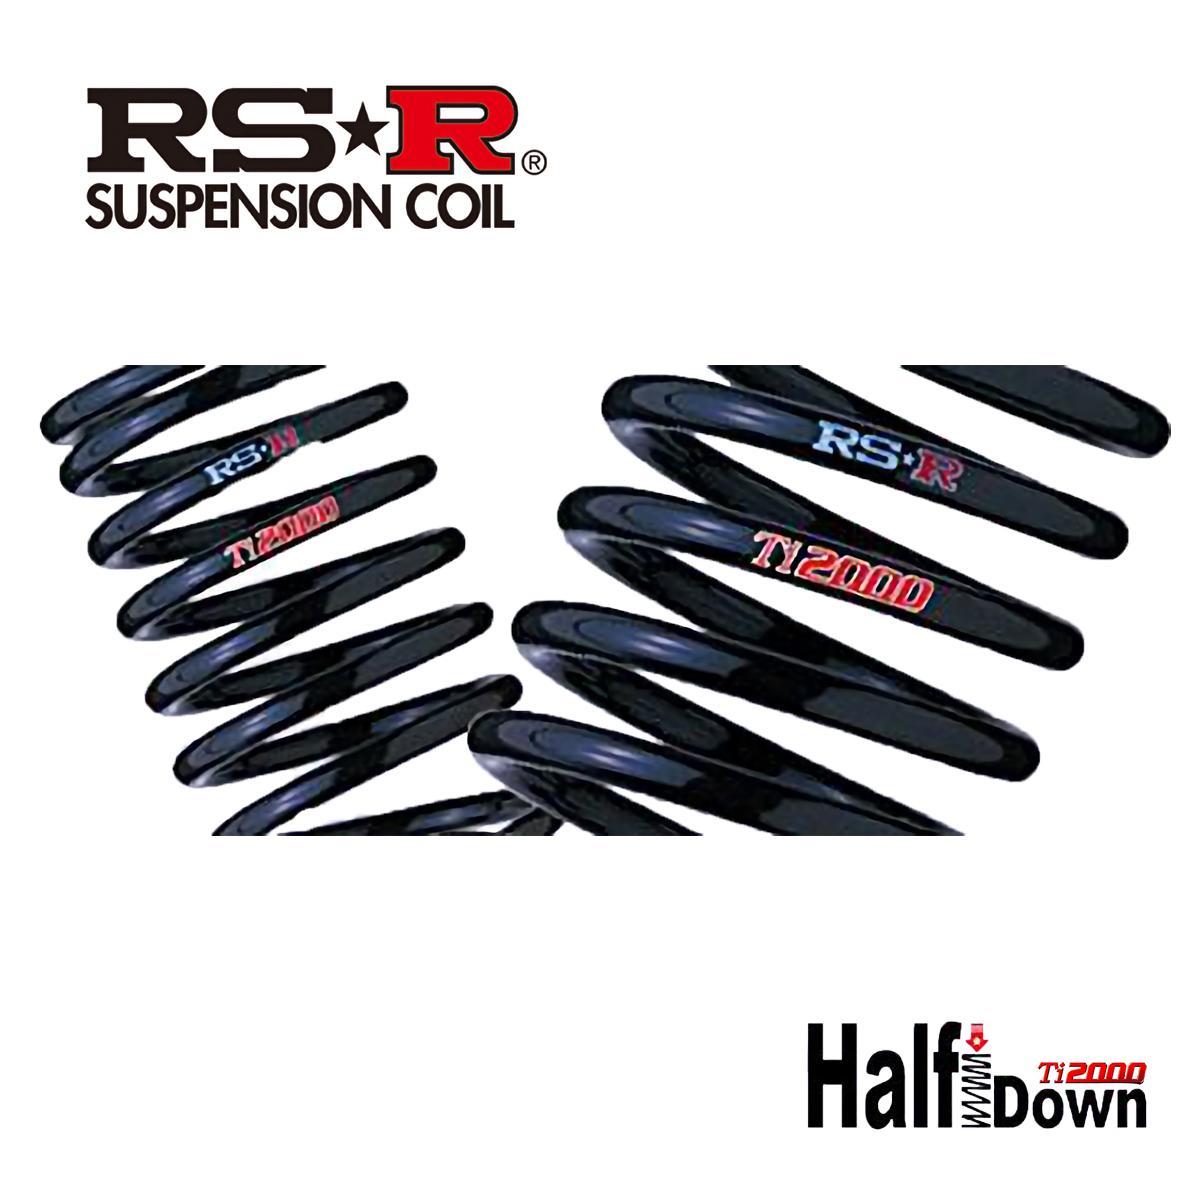 RS-R ノア ハイブリッドSi ZWR80W FF ダウンサス スプリング フロントのみ T931THDF Ti2000 ハーフダウン RSR 個人宅発送追金有